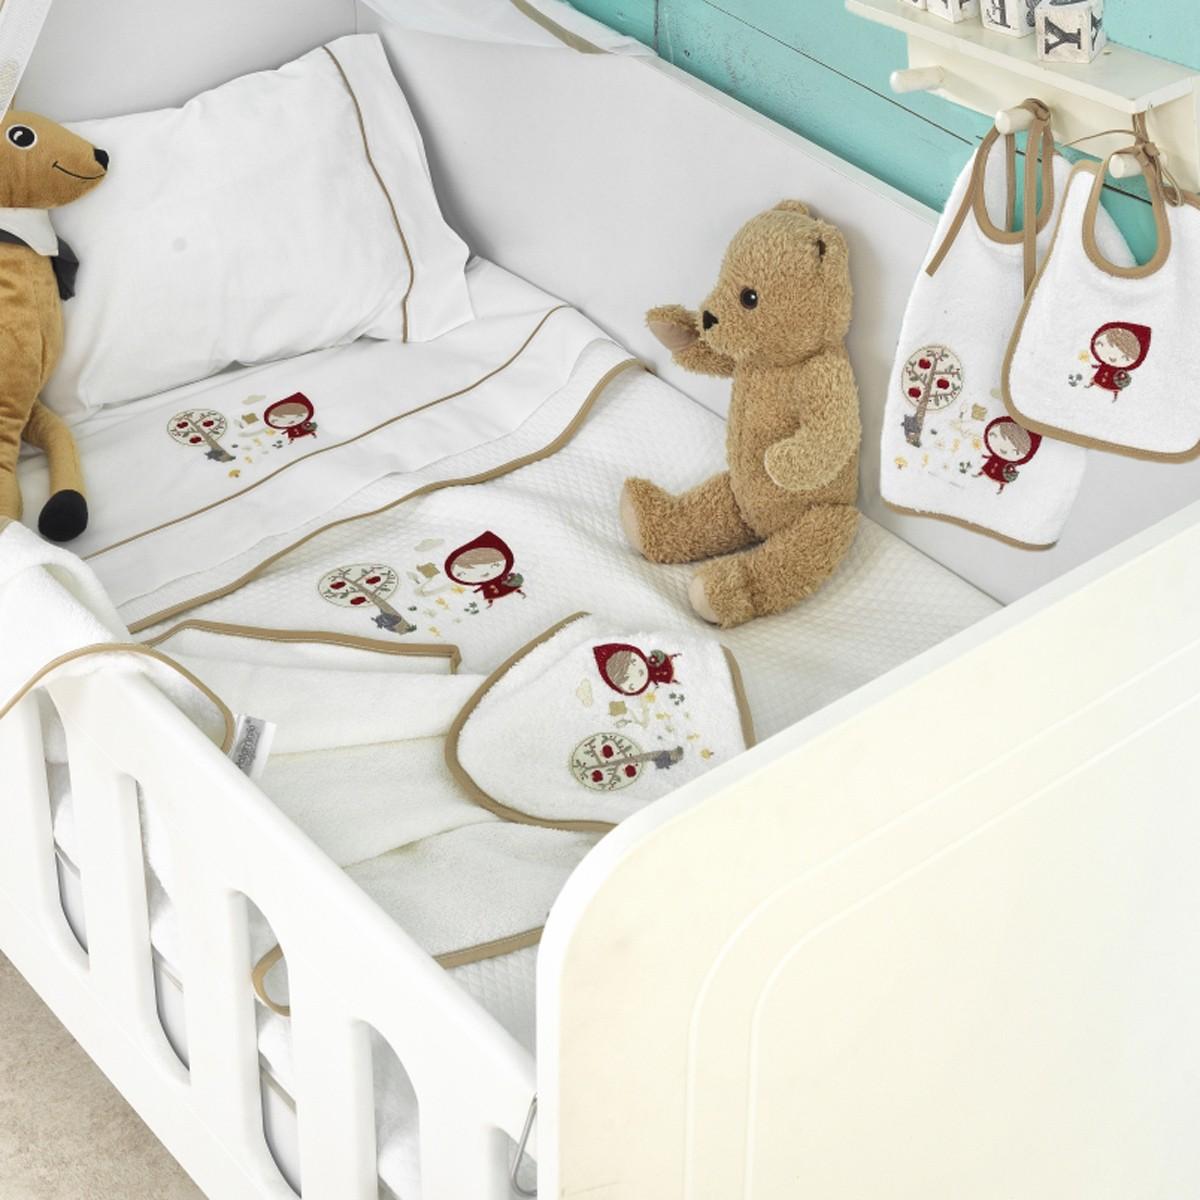 Κουβέρτα Πικέ Κούνιας Palamaiki Baby Joia 872 home   βρεφικά   κουβέρτες βρεφικές   κουβέρτες καλοκαιρινές